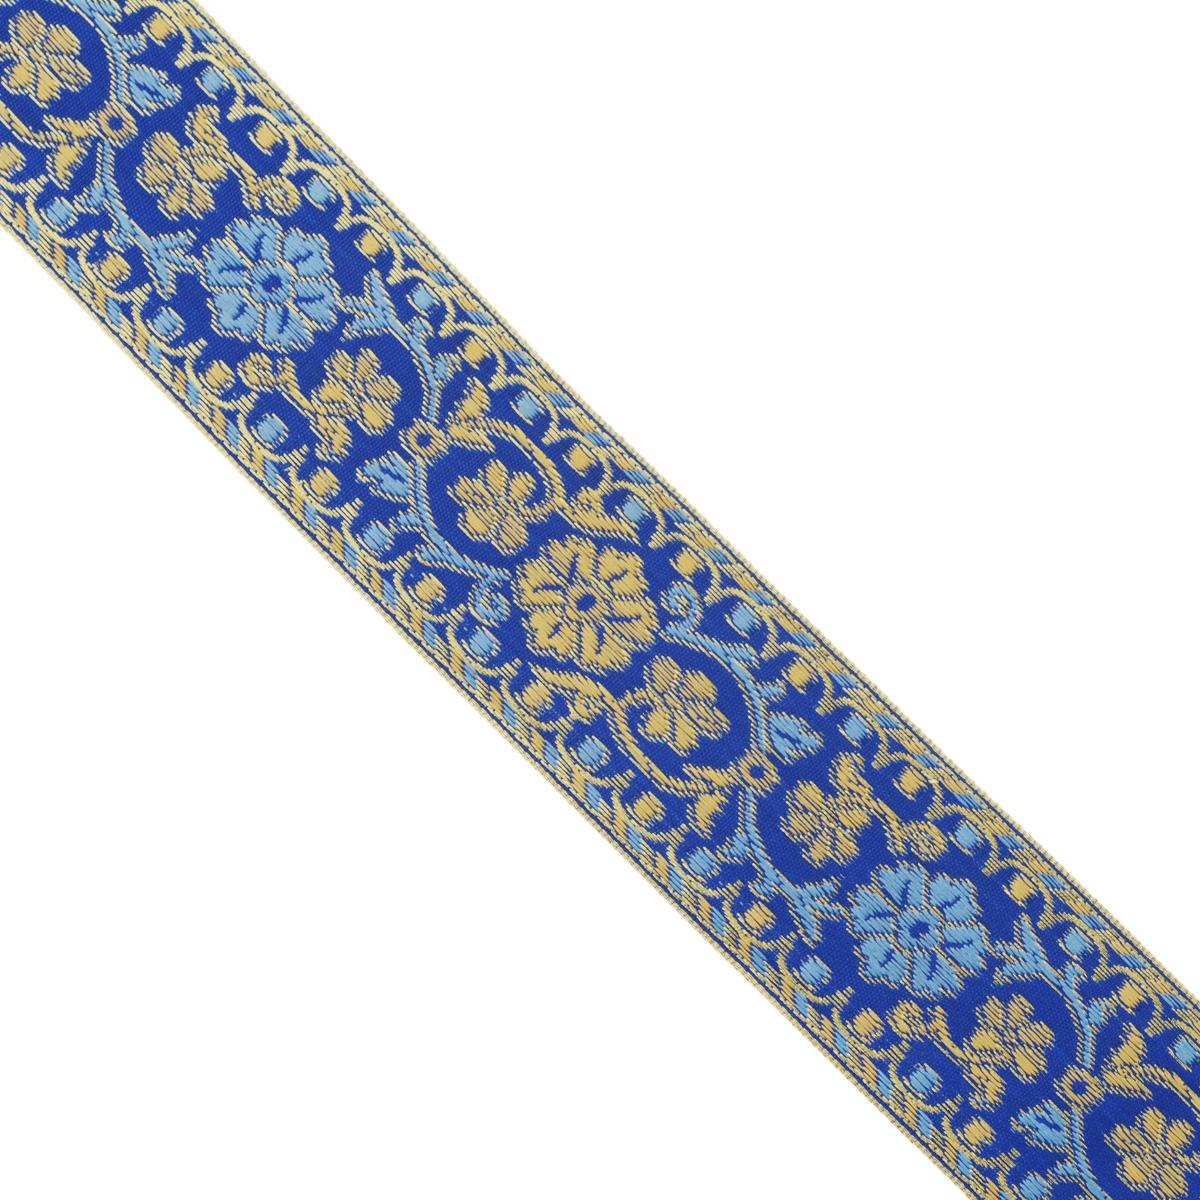 Тесьма декоративная Астра, цвет: синий, ширина 4 см, длина 16,4 м. 77034097703409Декоративная тесьма Астра выполнена из текстиля и оформлена оригинальным цветочным орнаментом. Такая тесьма идеально подойдет для оформления различных творческих работ таких, как скрапбукинг, аппликация, декор коробок и открыток и многого другого. Тесьма наивысшего качества и практична в использовании. Она станет незаменимым элементом в создании рукотворного шедевра. Ширина: 4 см.Длина: 16,4 м.